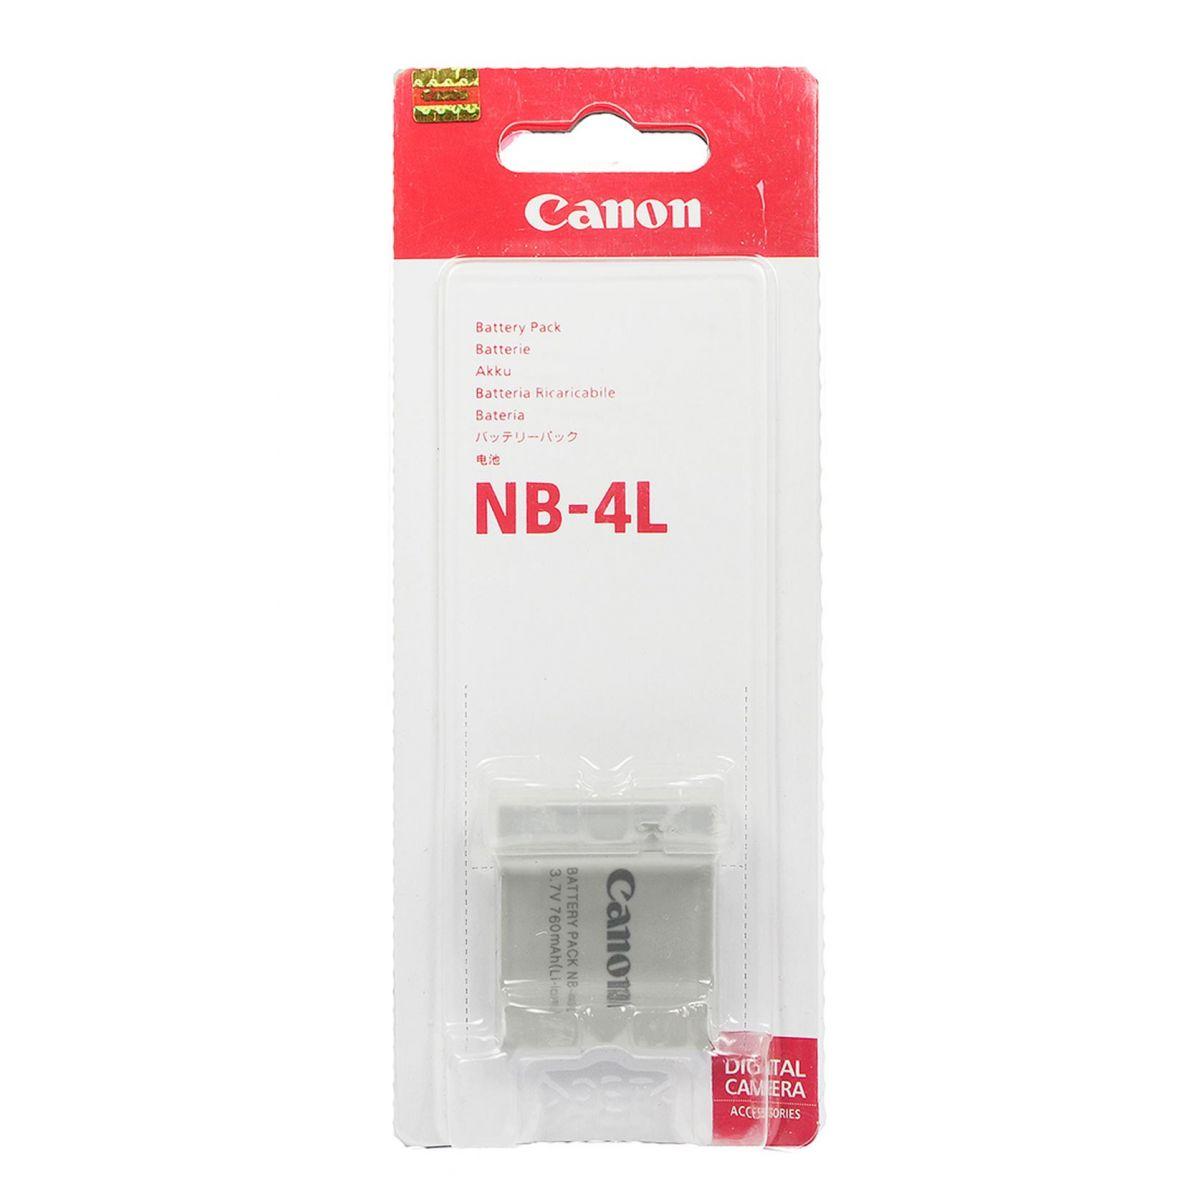 Bateria Canon NB-4L - Sd630 Sd750 Sd1000 Sd30 Sd40